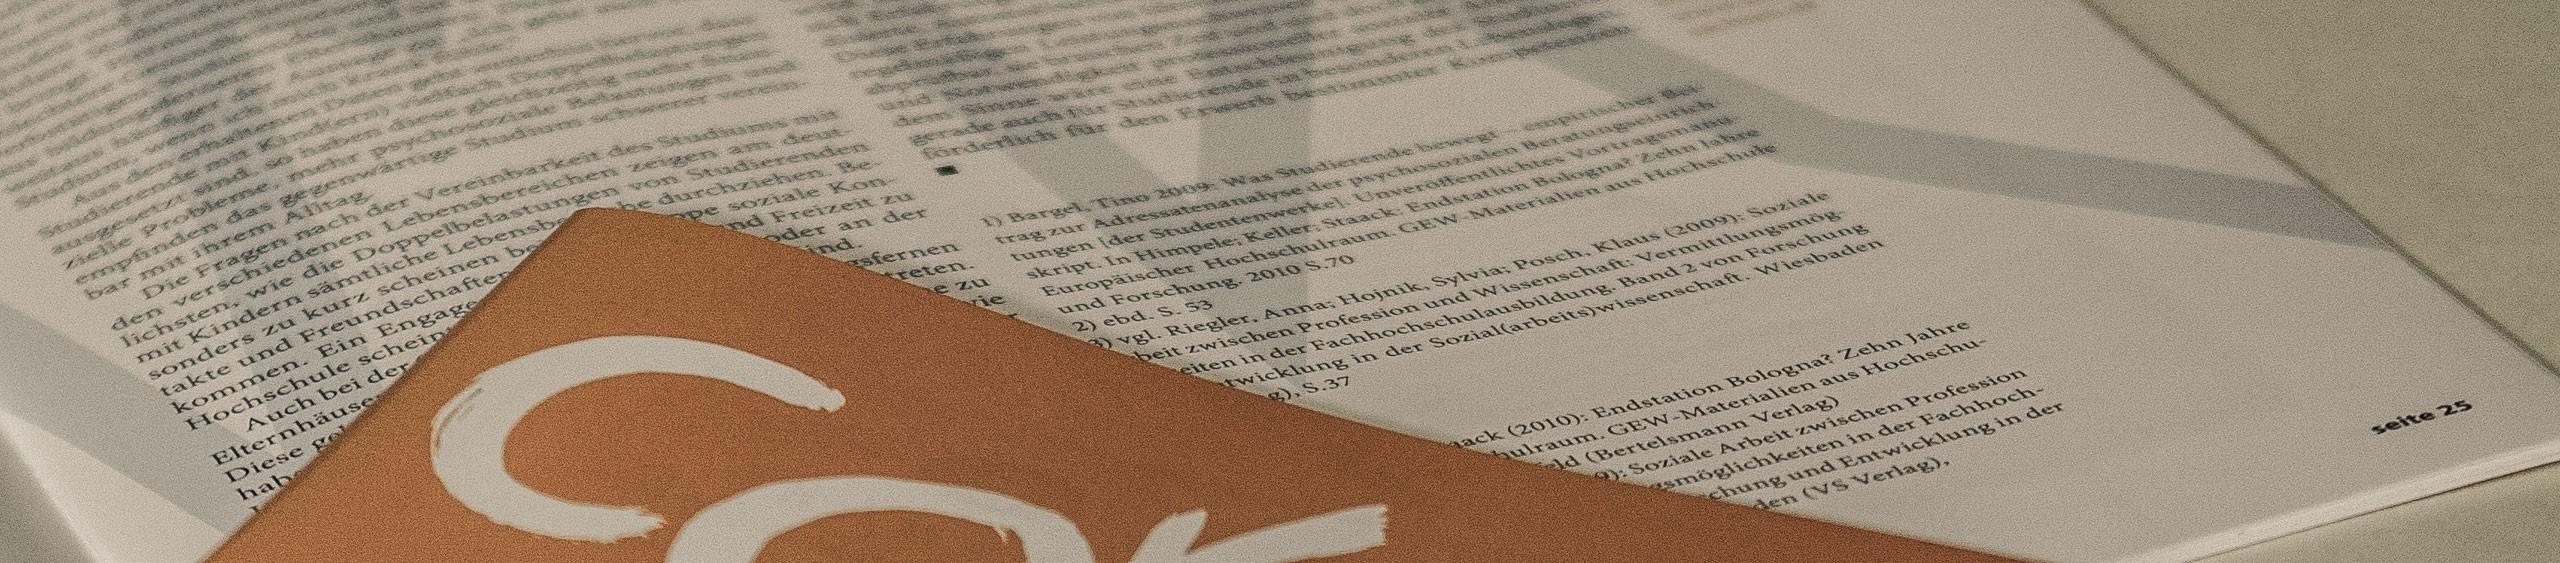 Bild CORAX Ausgabe